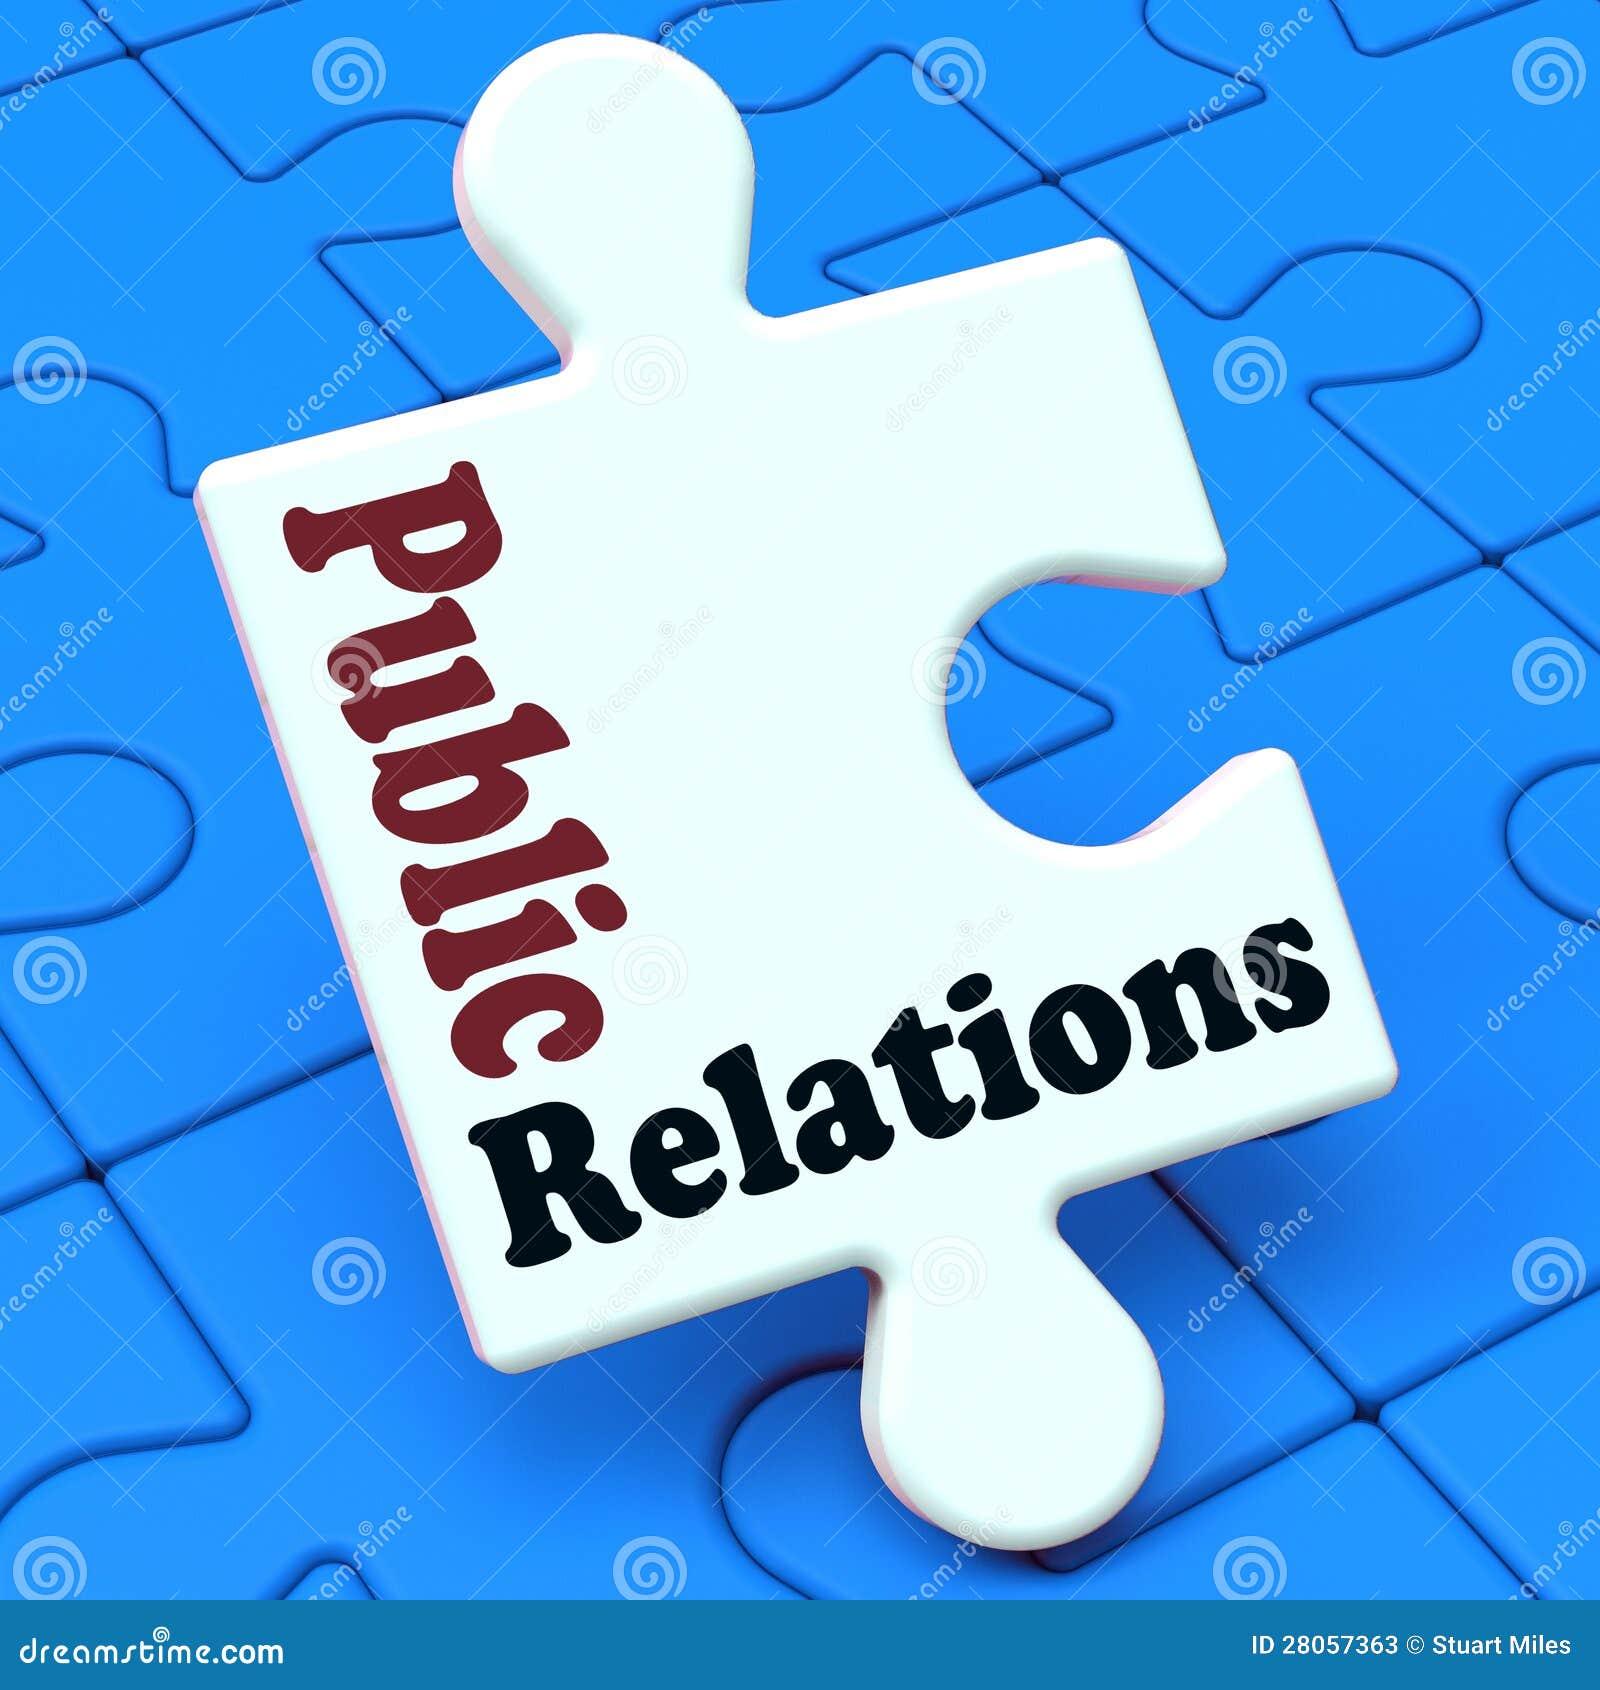 Public Relations hardest business majors